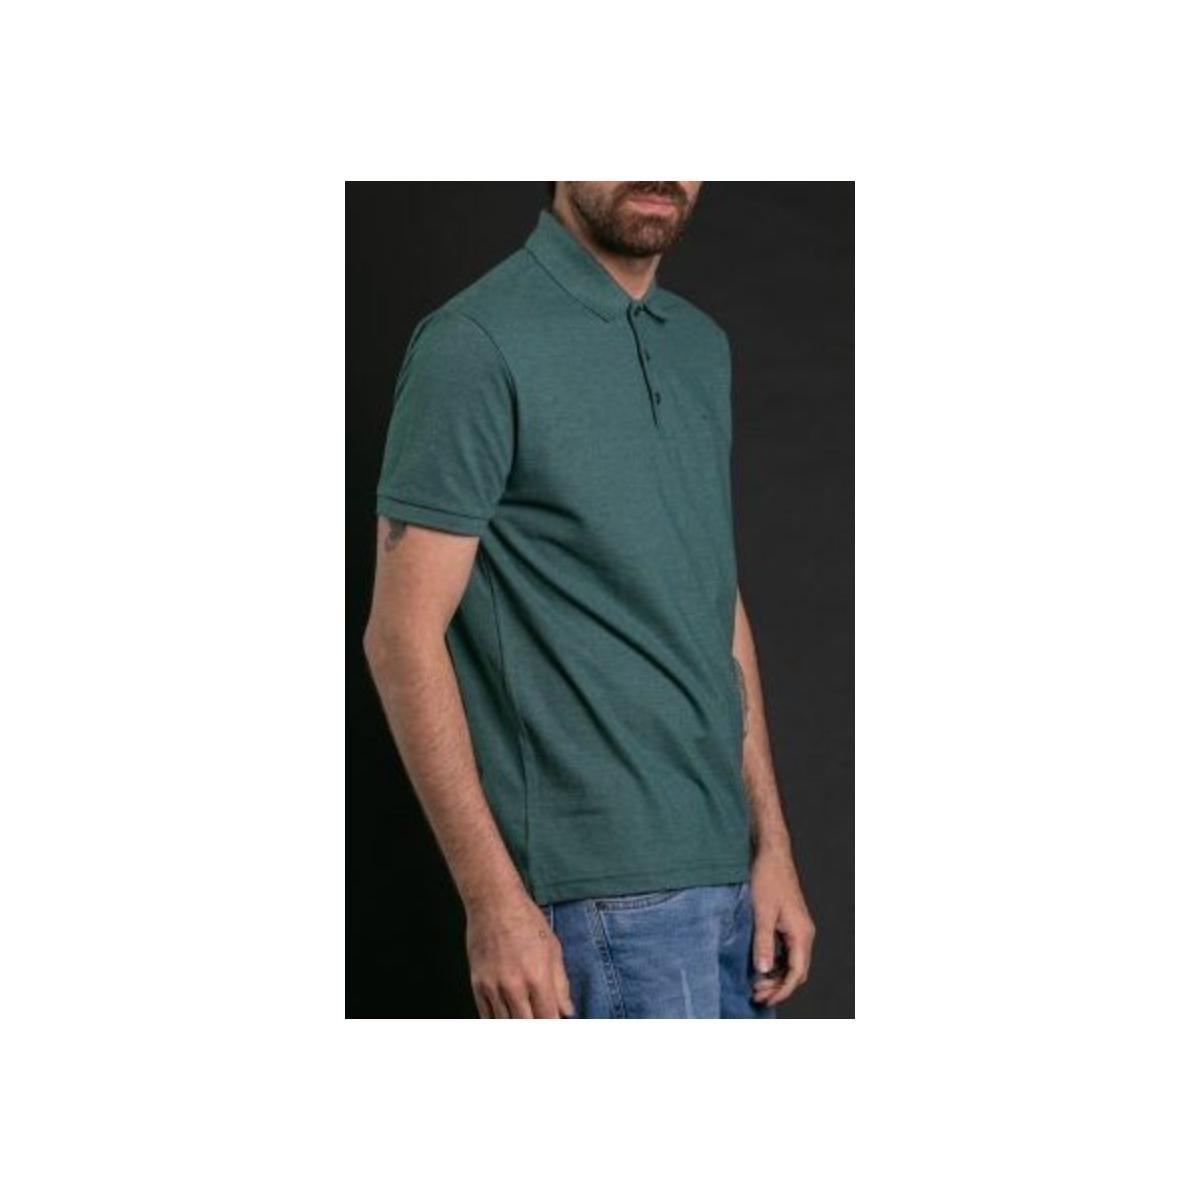 Camiseta Masculina Ellus B671 59 Verde